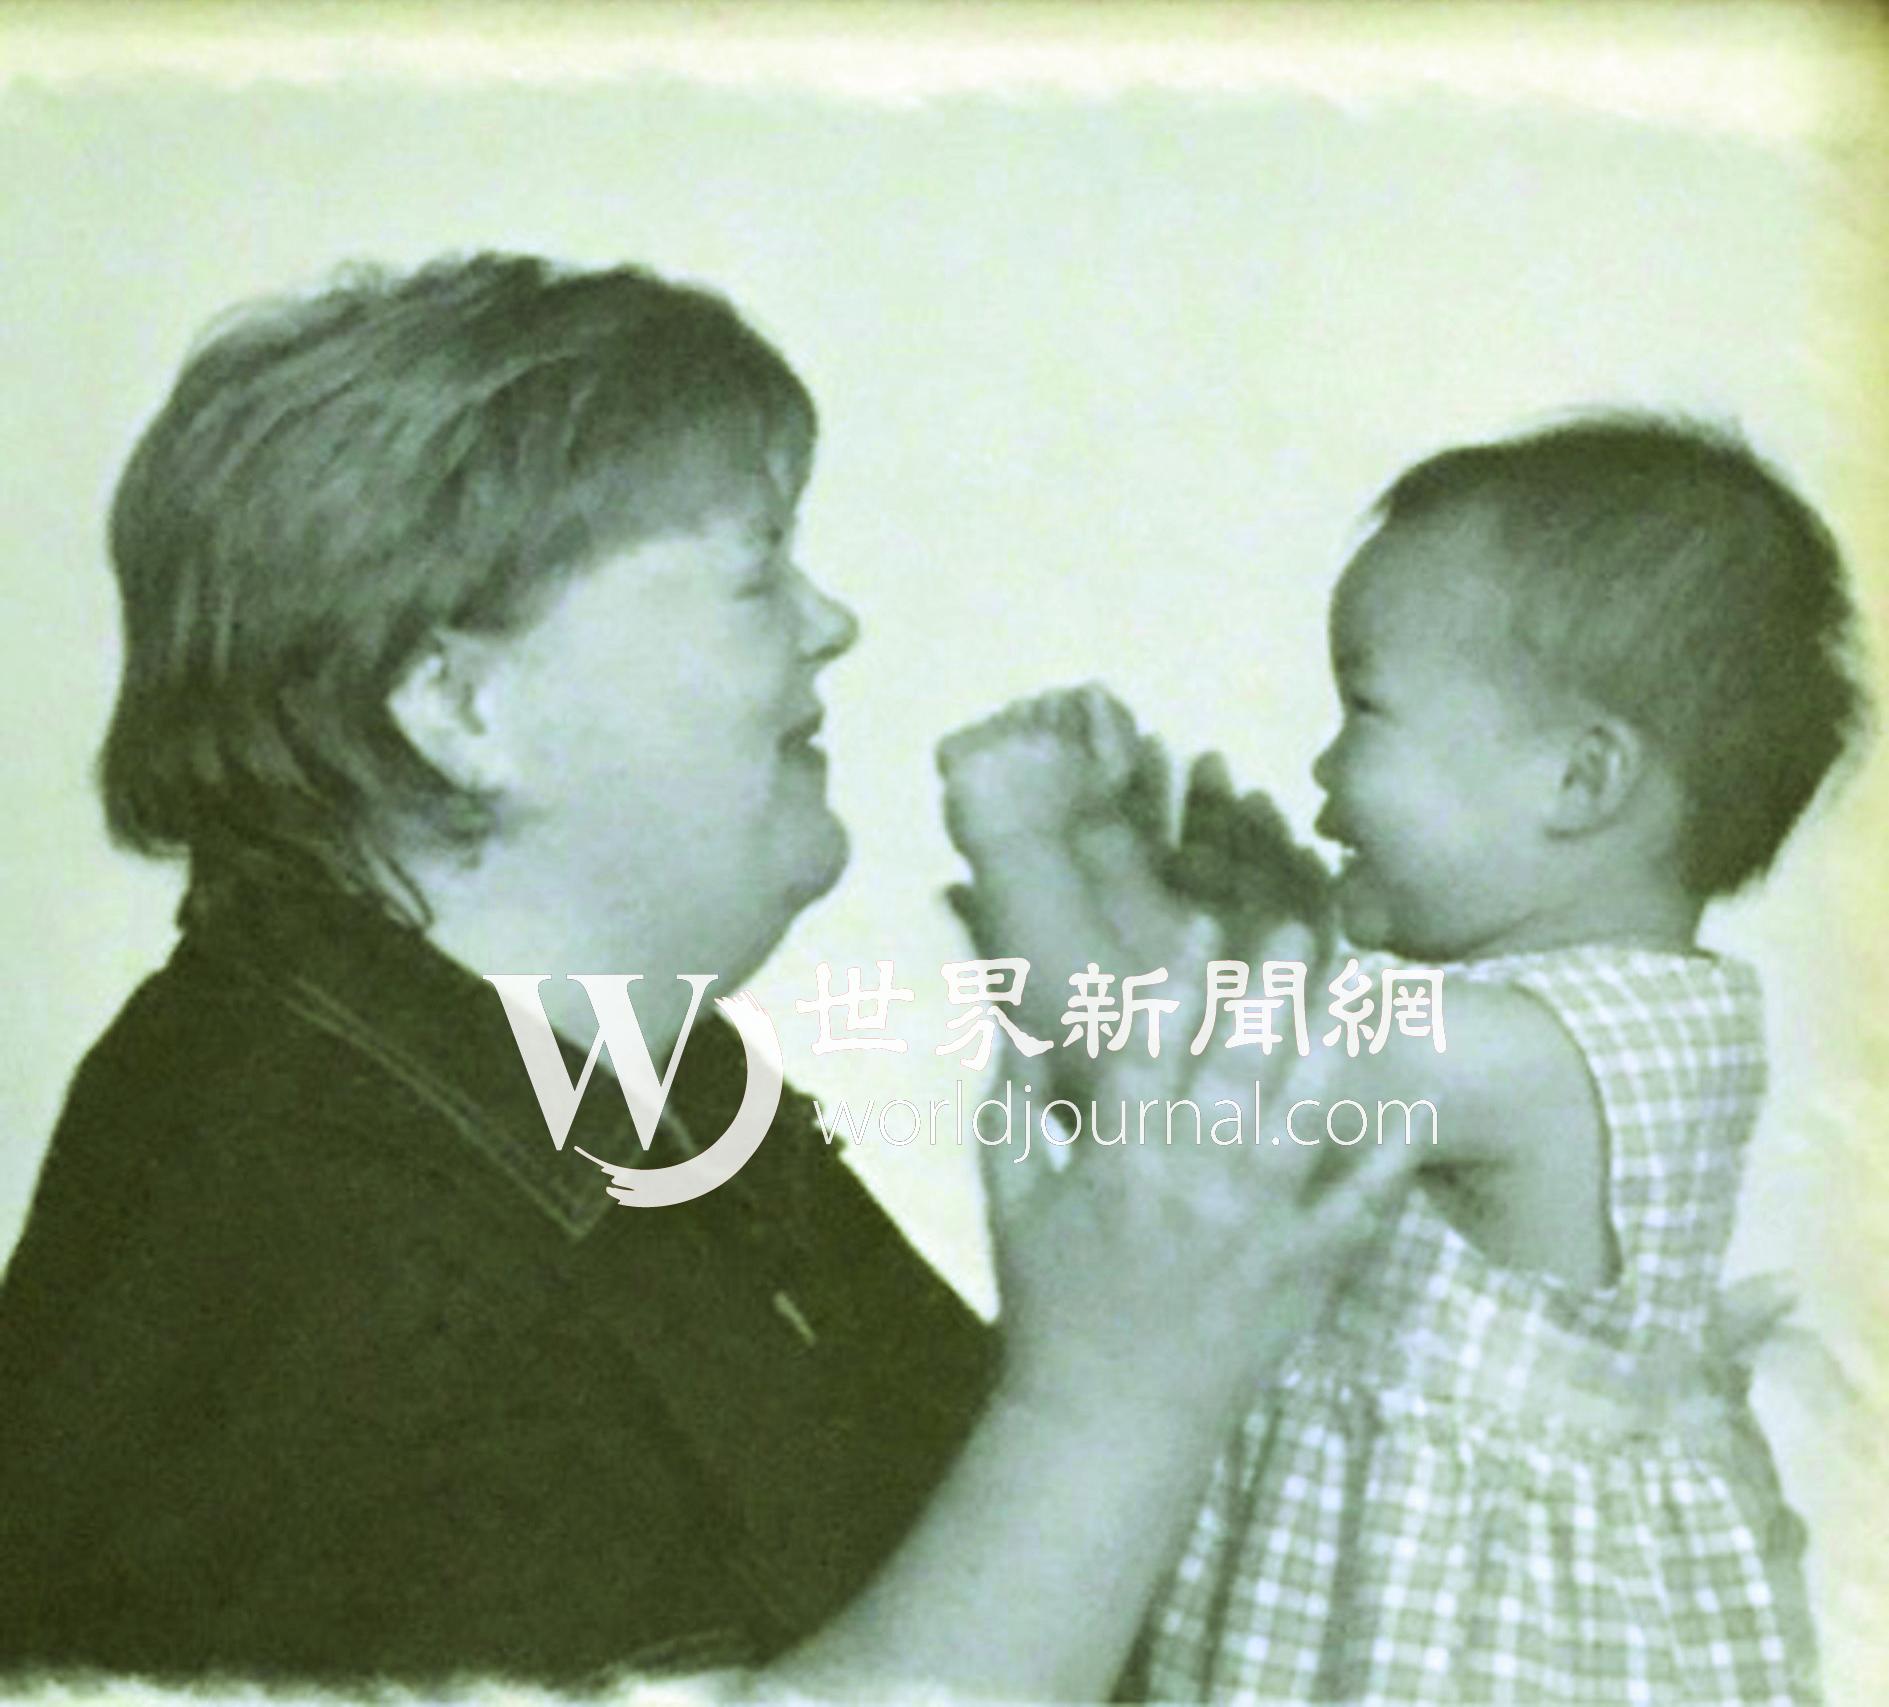 體操新星吳穎思(右)16年前被母親雪莉(左)從中國廣西收養,吳穎思表示她喜歡中國。(雪莉提供)